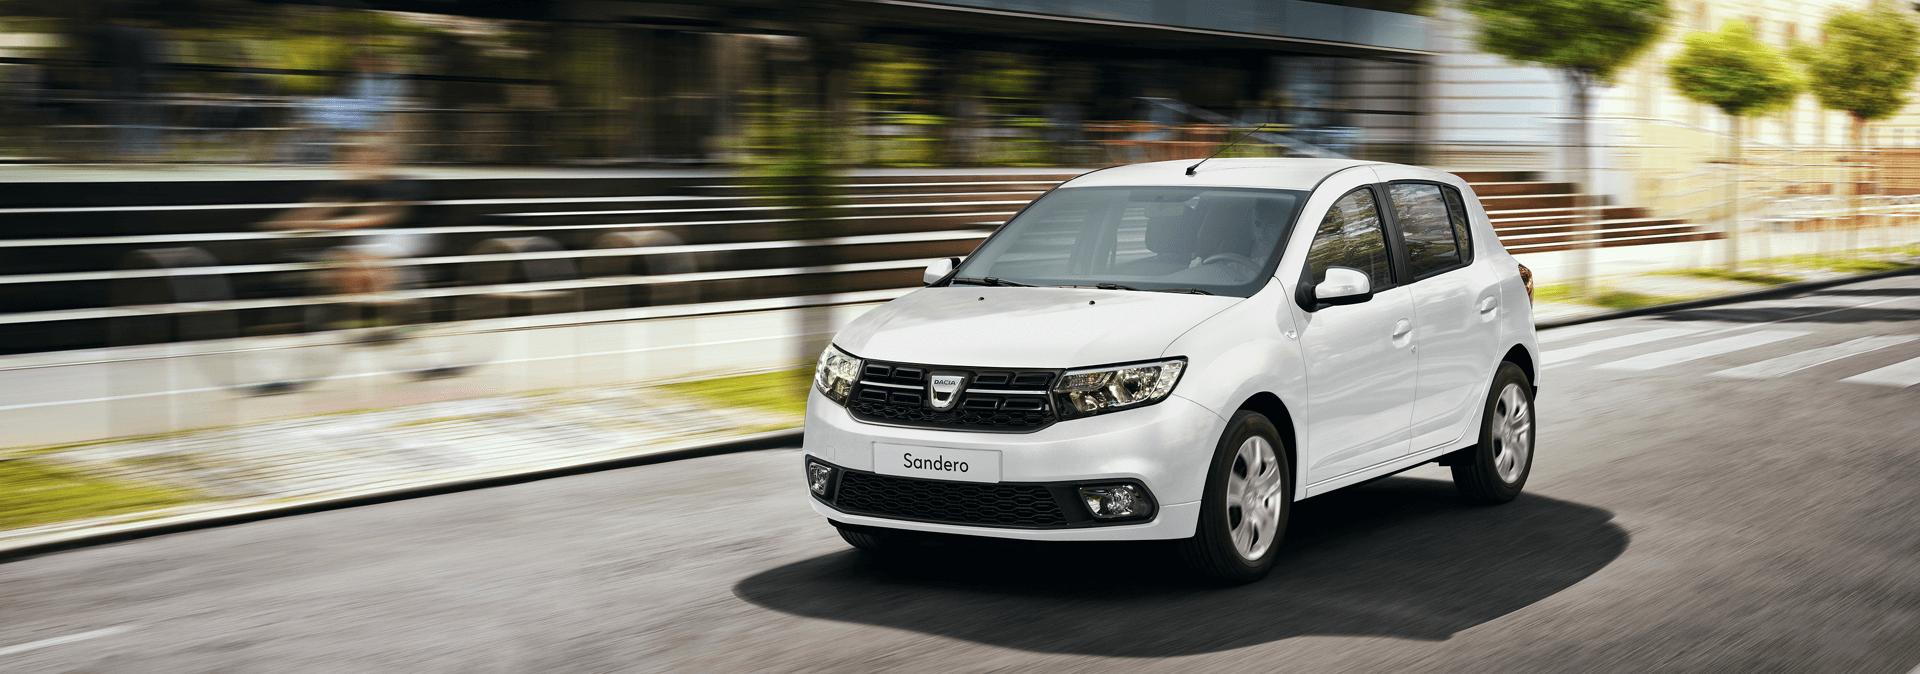 Used Dacia car image